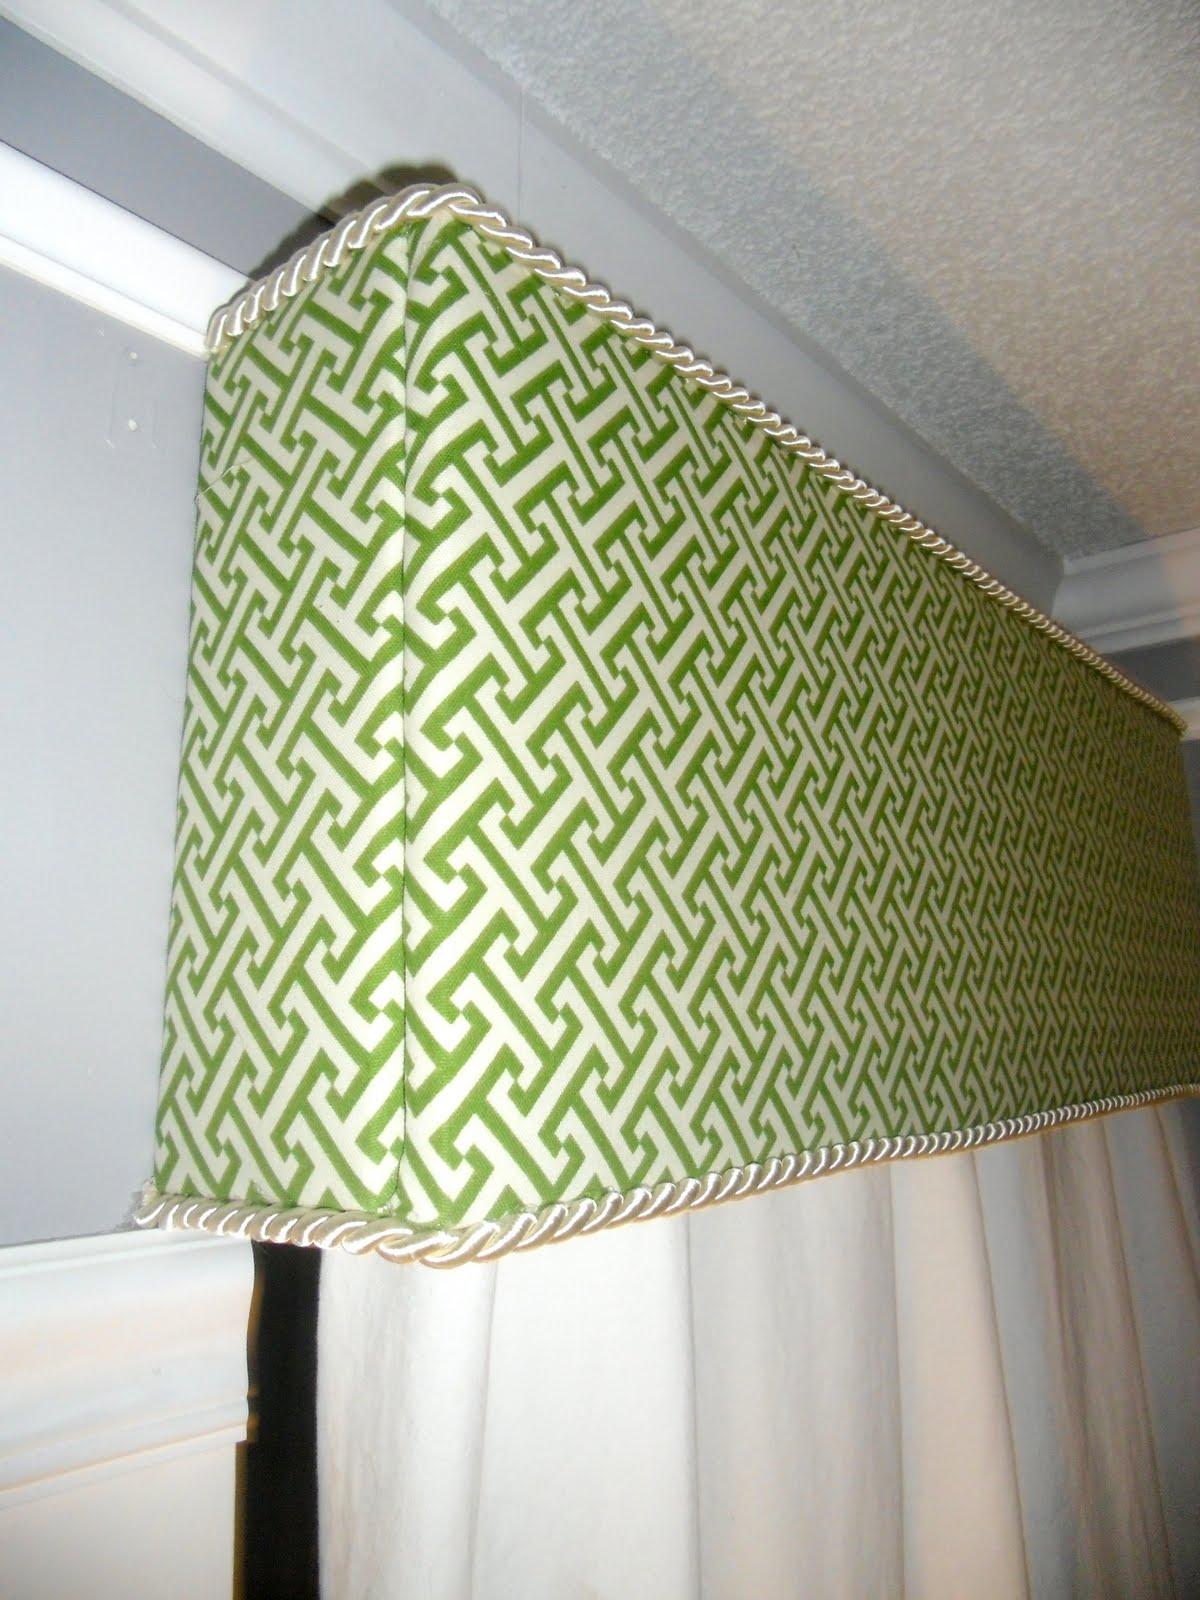 Interior Design Ideas: Brightly Colored Modern Cornice Boards